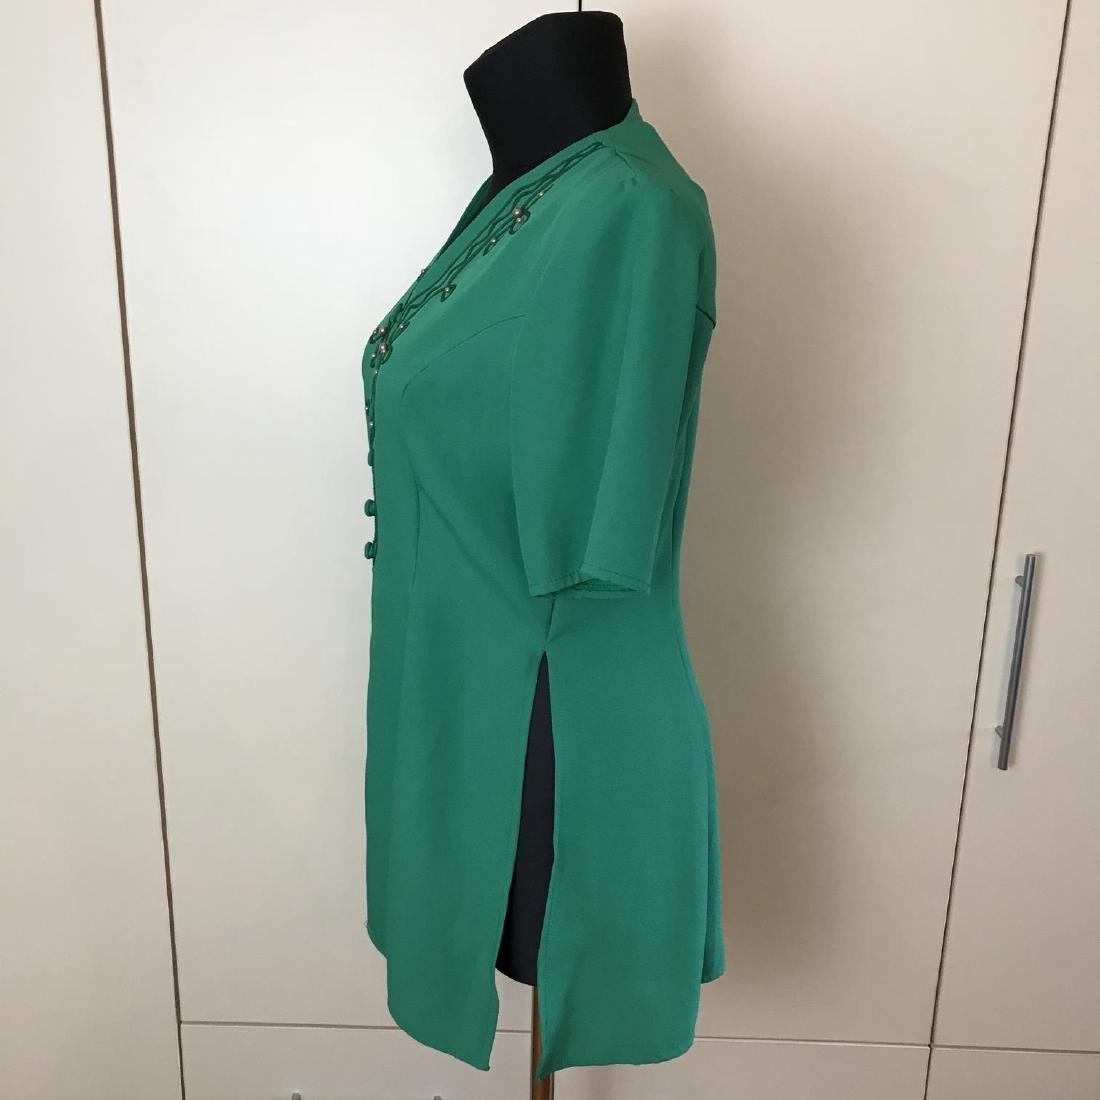 Vintage Women's Blouse Shirt Jacket Size US 12 UK 16 - 4